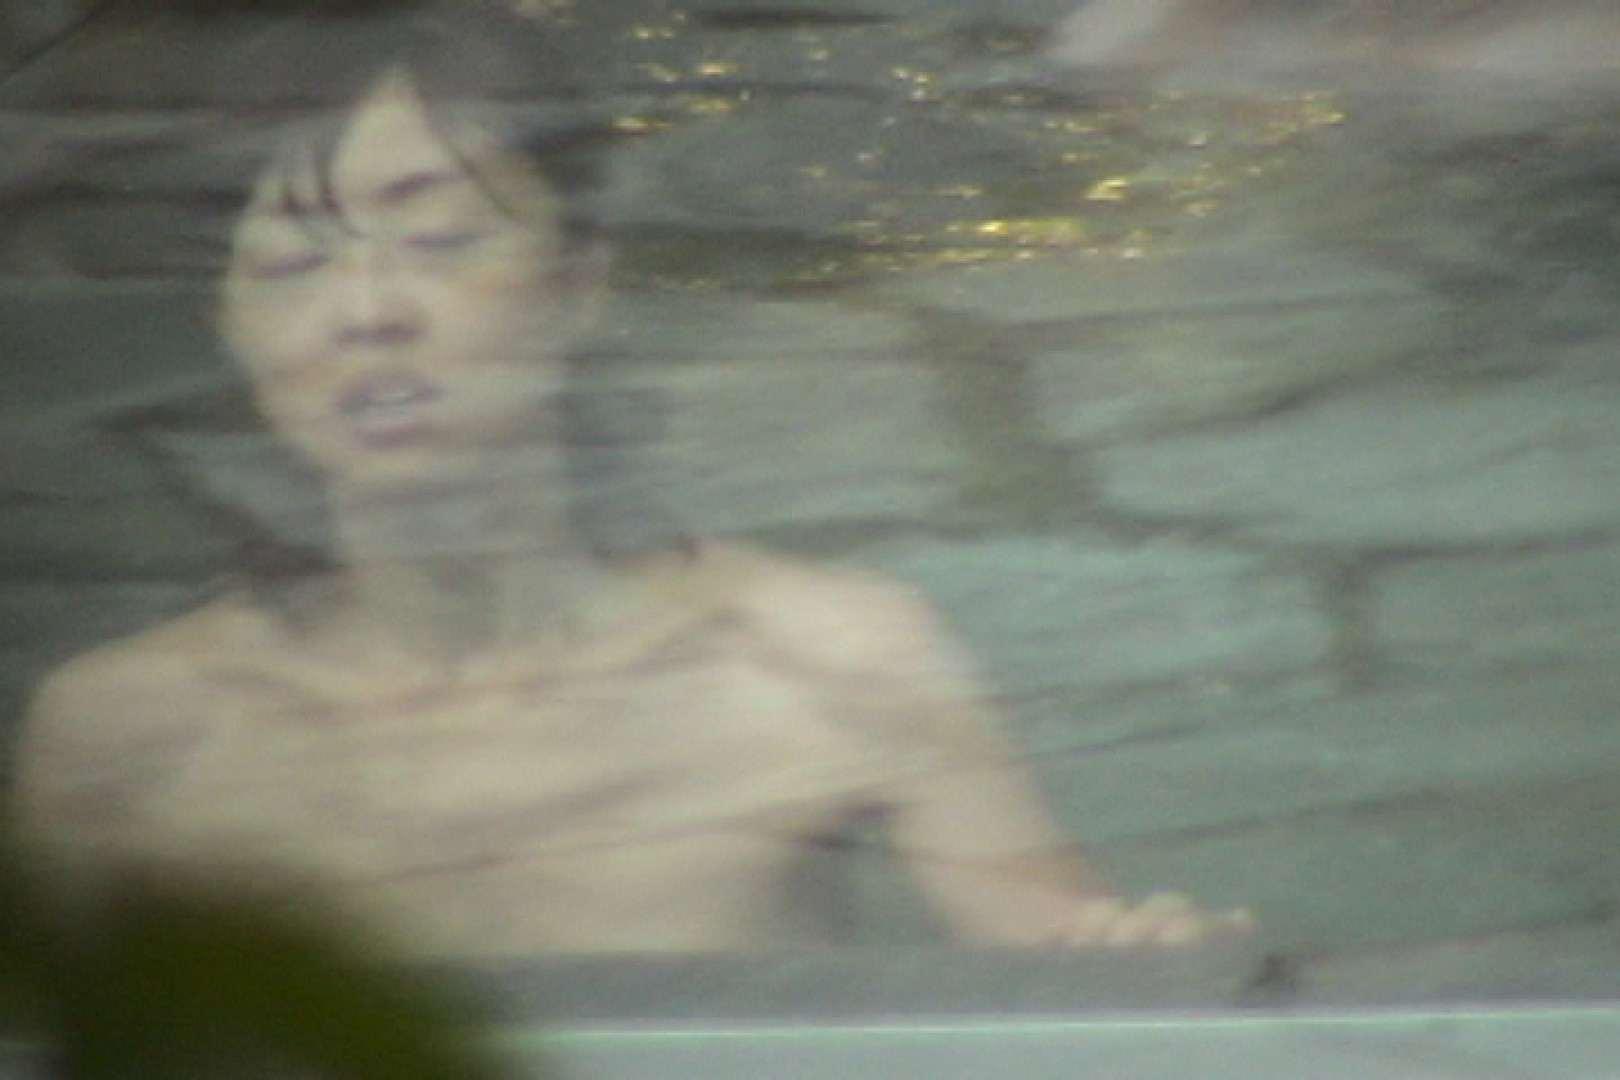 Aquaな露天風呂Vol.711 OLエロ画像  81PICs 69